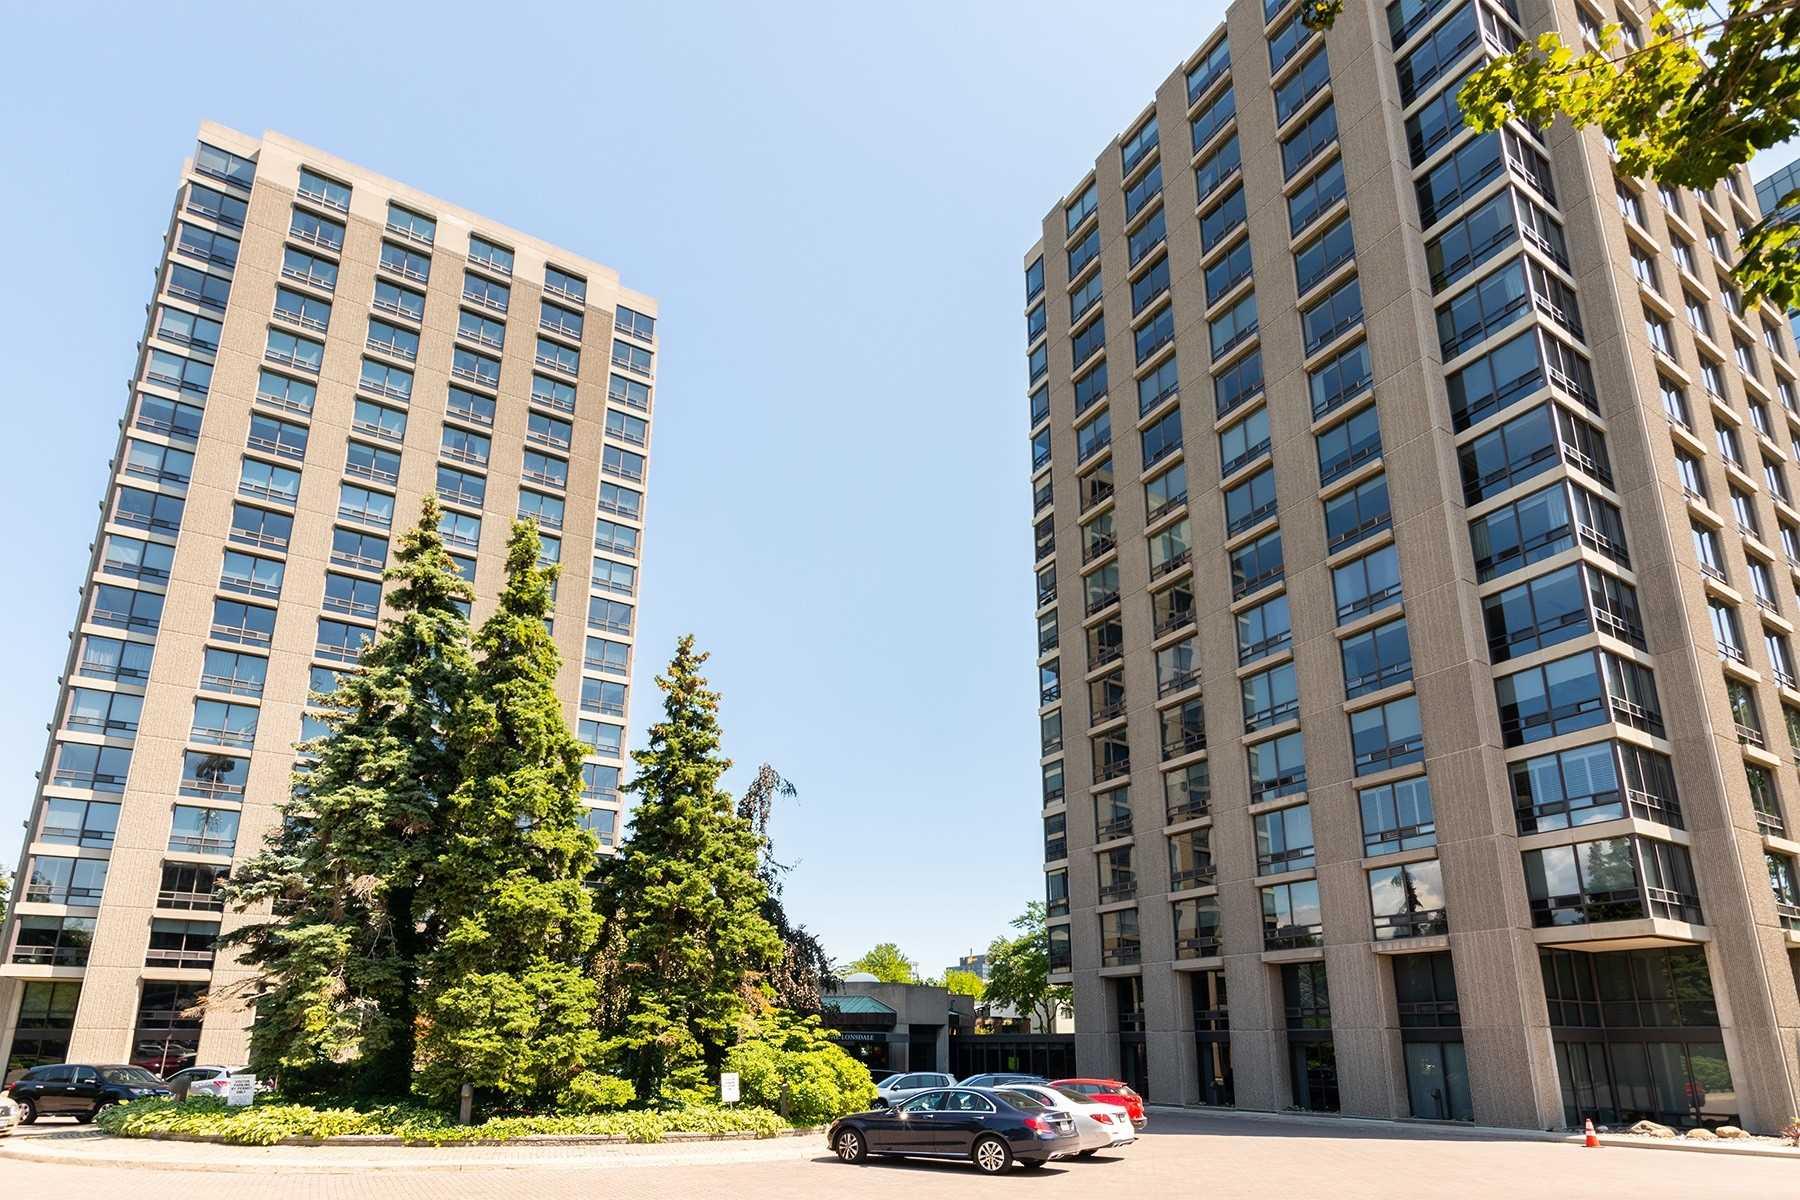 625 Avenue Rd, Toronto, Ontario M4V2K7, 3 Bedrooms Bedrooms, 7 Rooms Rooms,4 BathroomsBathrooms,Condo Apt,For Sale,Avenue,C4983490